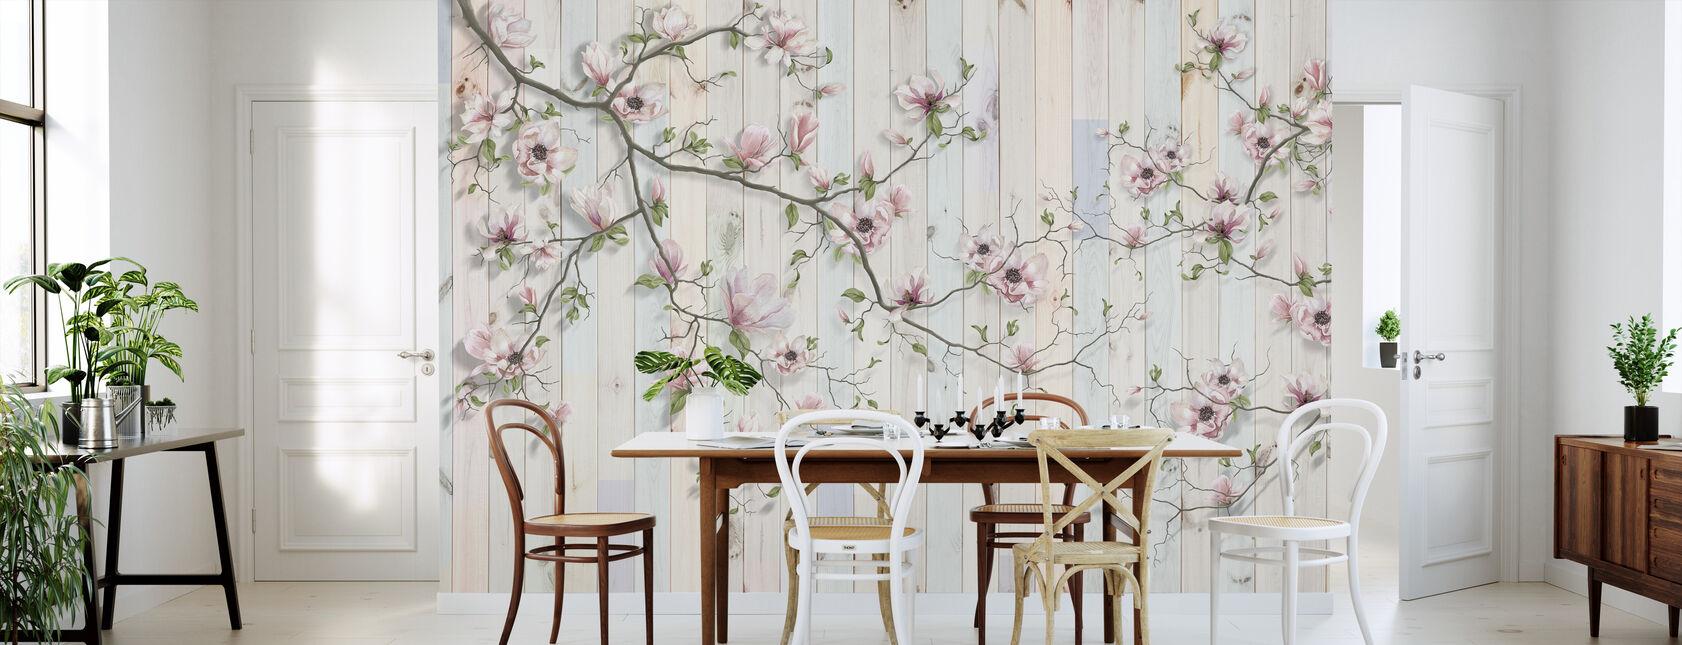 Magnolia Plank veggen - Tapet - Kjøkken